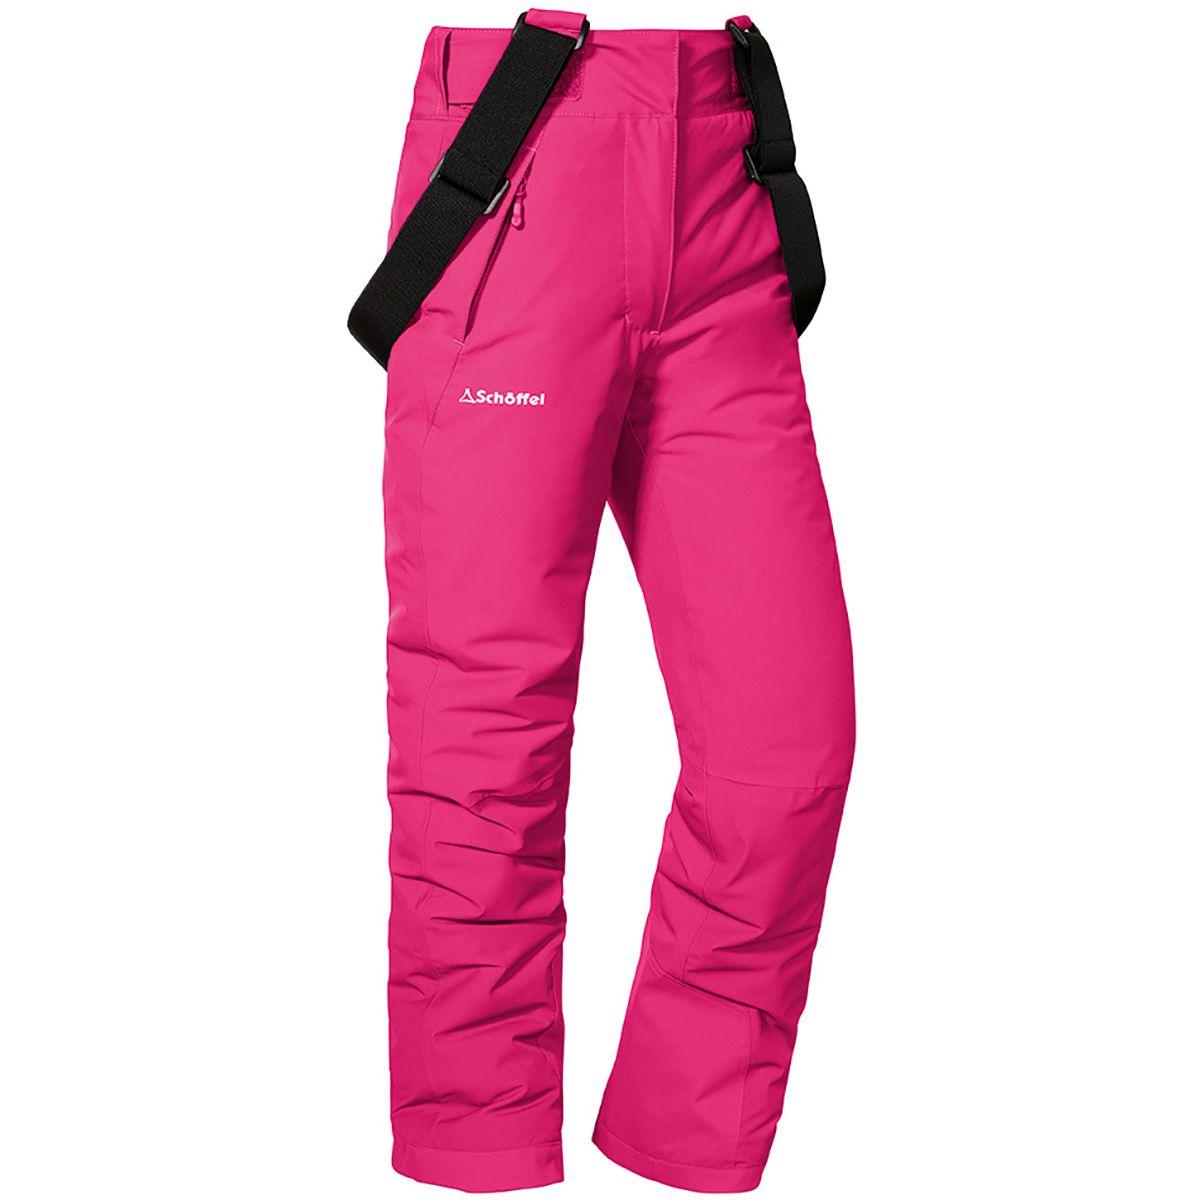 Schöffel Ski Pants Biarritz2 für Kinder